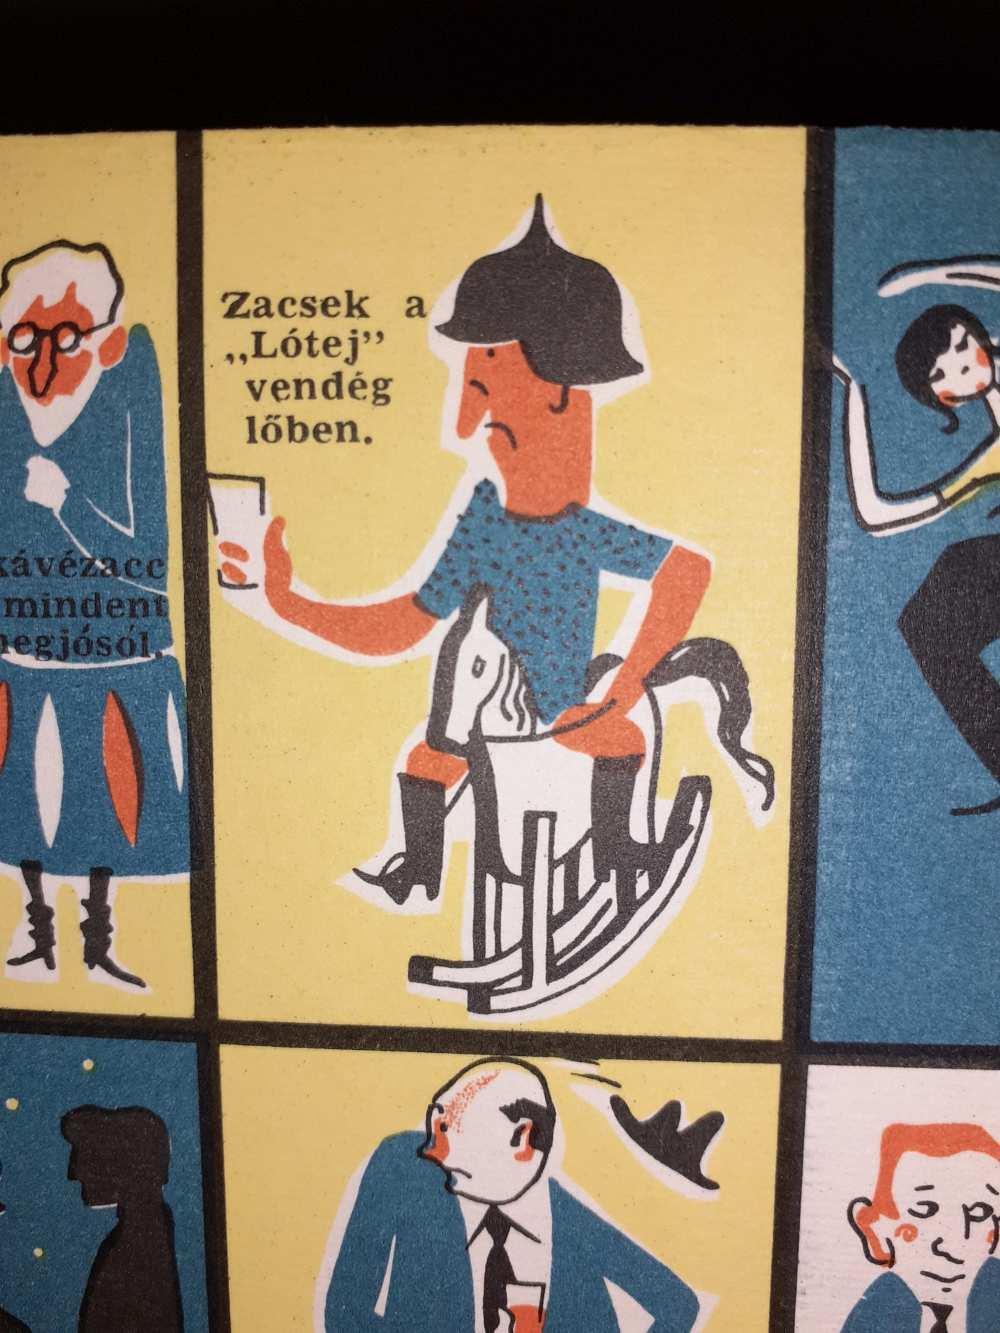 """Zacsek a """"Lótej"""" vendéglőben. Vidám kínpad. Középkori kabaré fiatalok, öregek és középkorúak részére. Rendezte Várady György. Bemutató: Vidám Színpad. 1962. október 23. Aprónyomtatvány részlete – Színháztörténeti és Zeneműtár"""